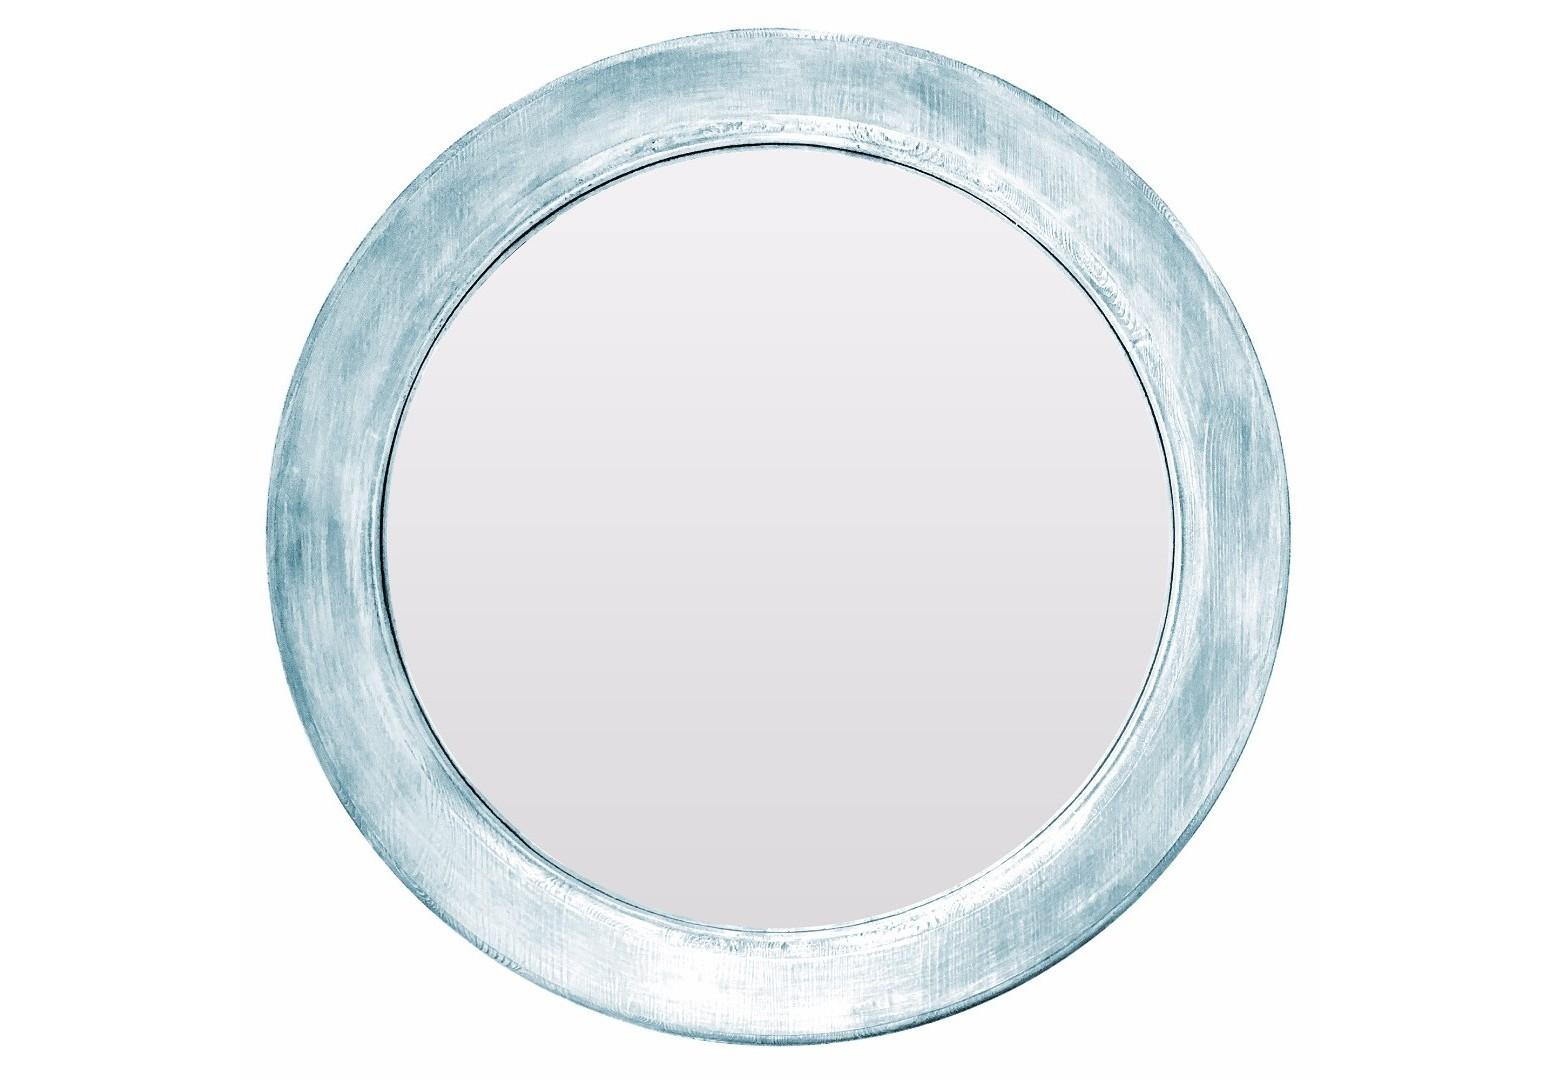 Зеркало Big Window BlueНастенные зеркала<br>Коллекции B-Home – это дизайнерские зеркала, зеркальная мебель и предметы интерьера. Все изделия от и до мы создаем сами в нашей мастерской. Каждое – это уникальное произведение, арт-объект со своей историей и мелодией. Мы следим за современными трендами, лично отбираем лучшие материалы и каждый день трудимся над созданием новых шедевров, которые будут радовать вас. Если вы ищете что-то действительно качественное, стоящее и эксклюзивное, что сделано с душой и руками человека, B-Home придется вам по вкусу!<br><br>Material: Дерево<br>Глубина см: 3.0